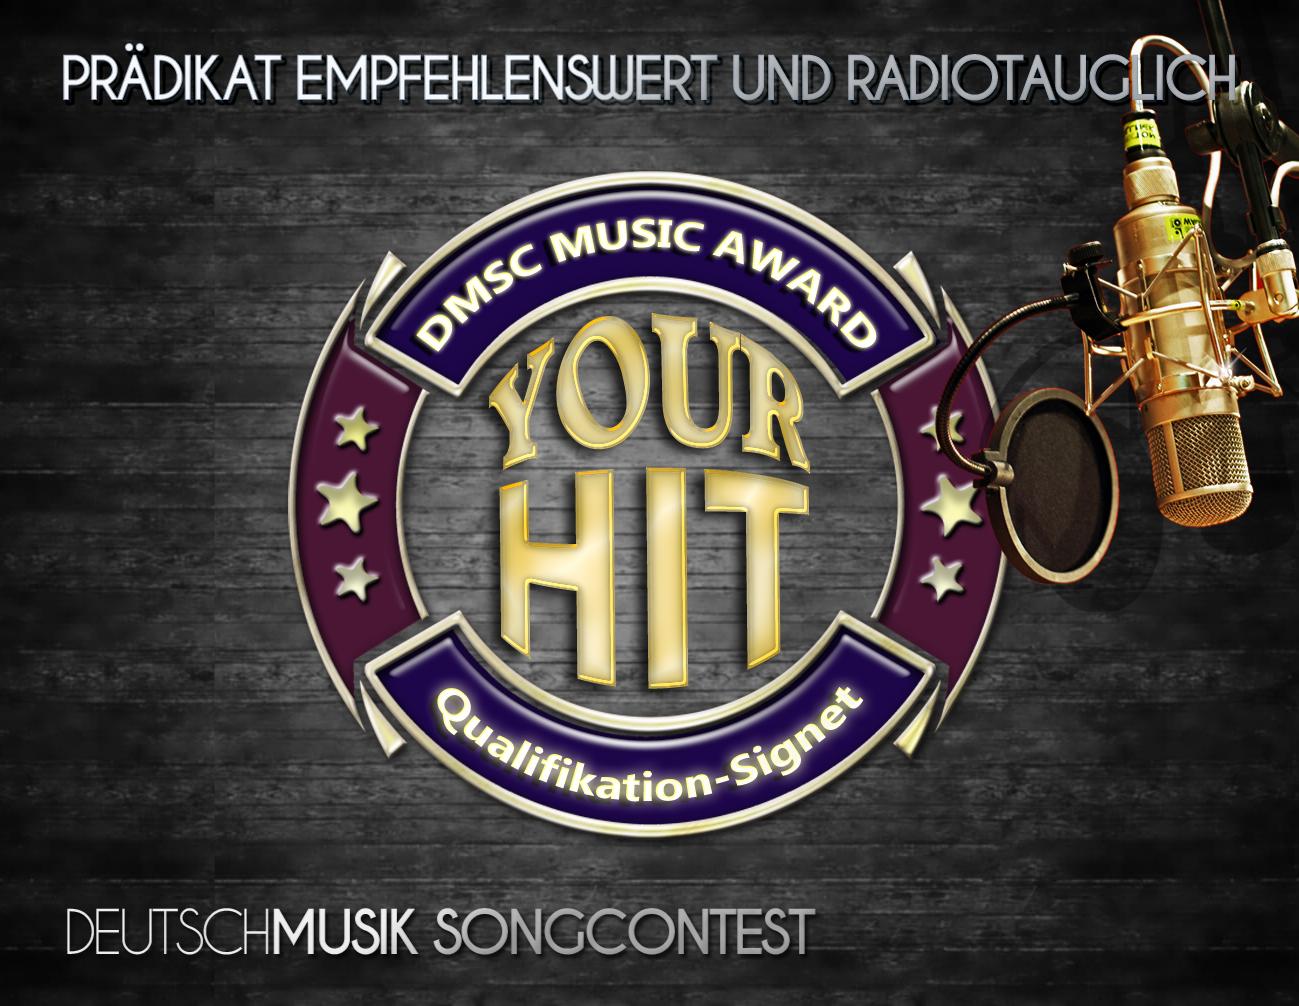 YOUR-HIT Deutschmusik Song Contest - Prädikat empfehlenswert und radiotauglich